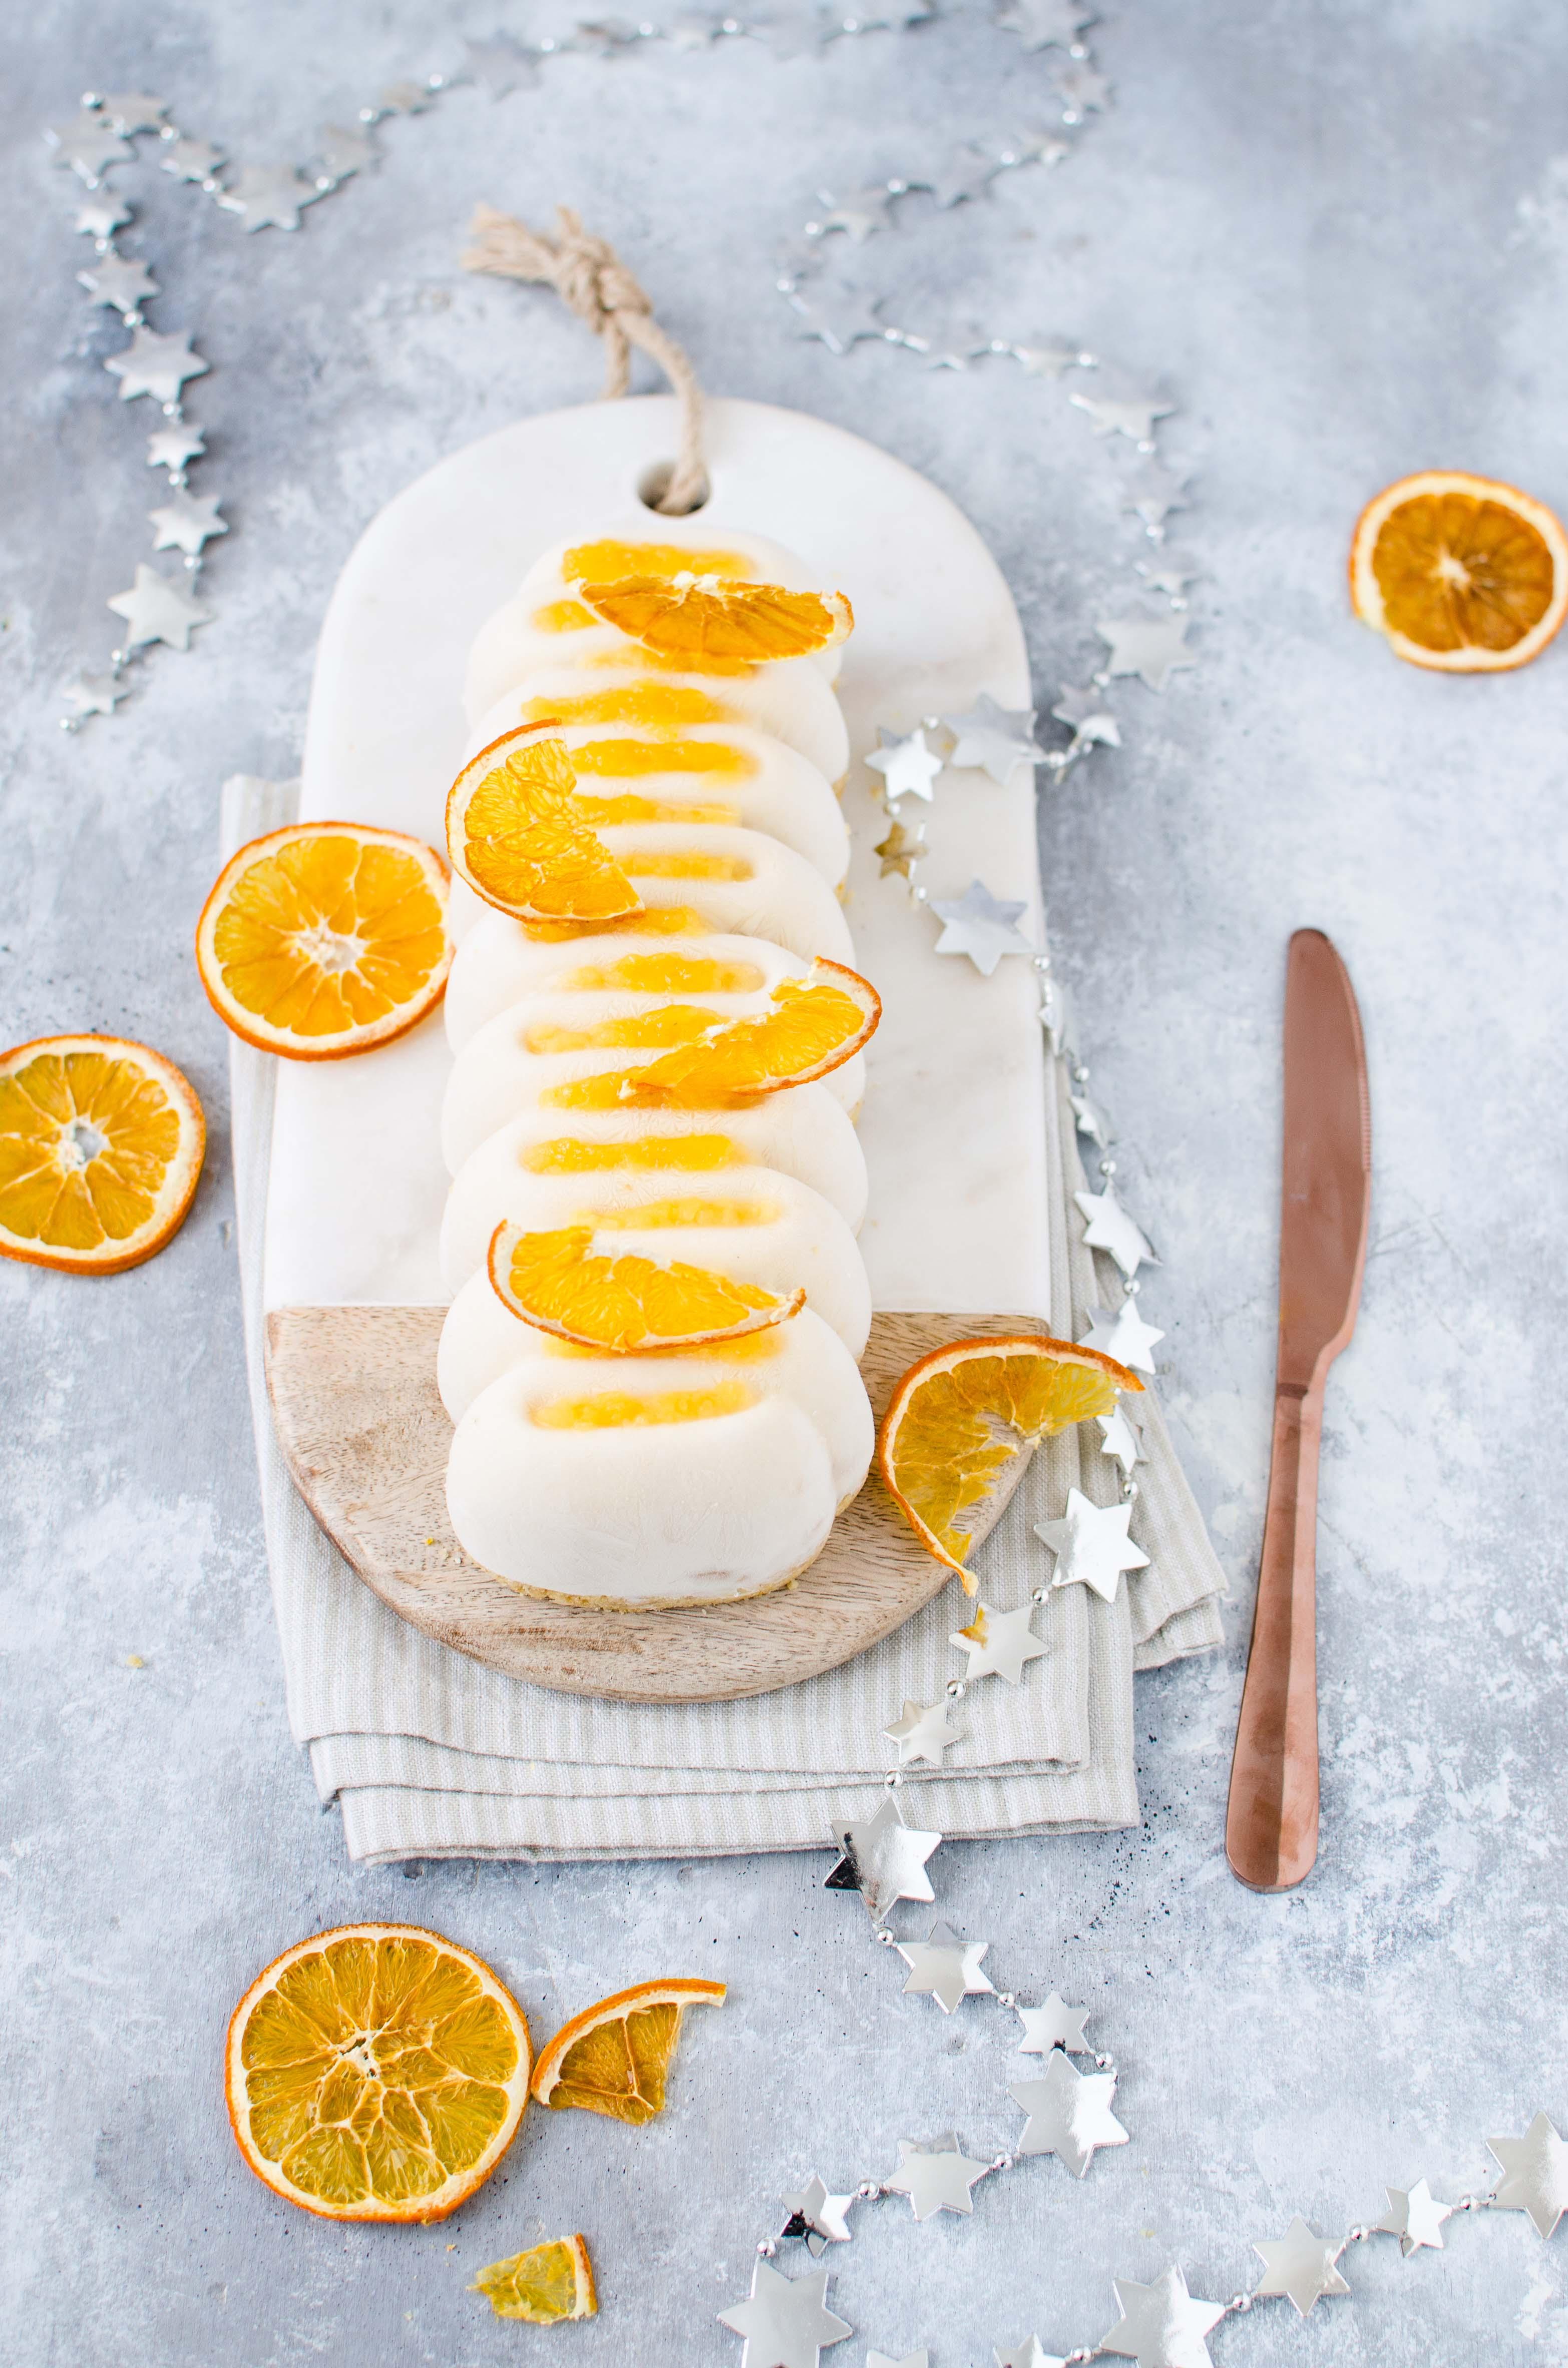 tronchetto-senza-lattosio-arancia Tronchetto di gelato alle mandorle con gelée all'arancia